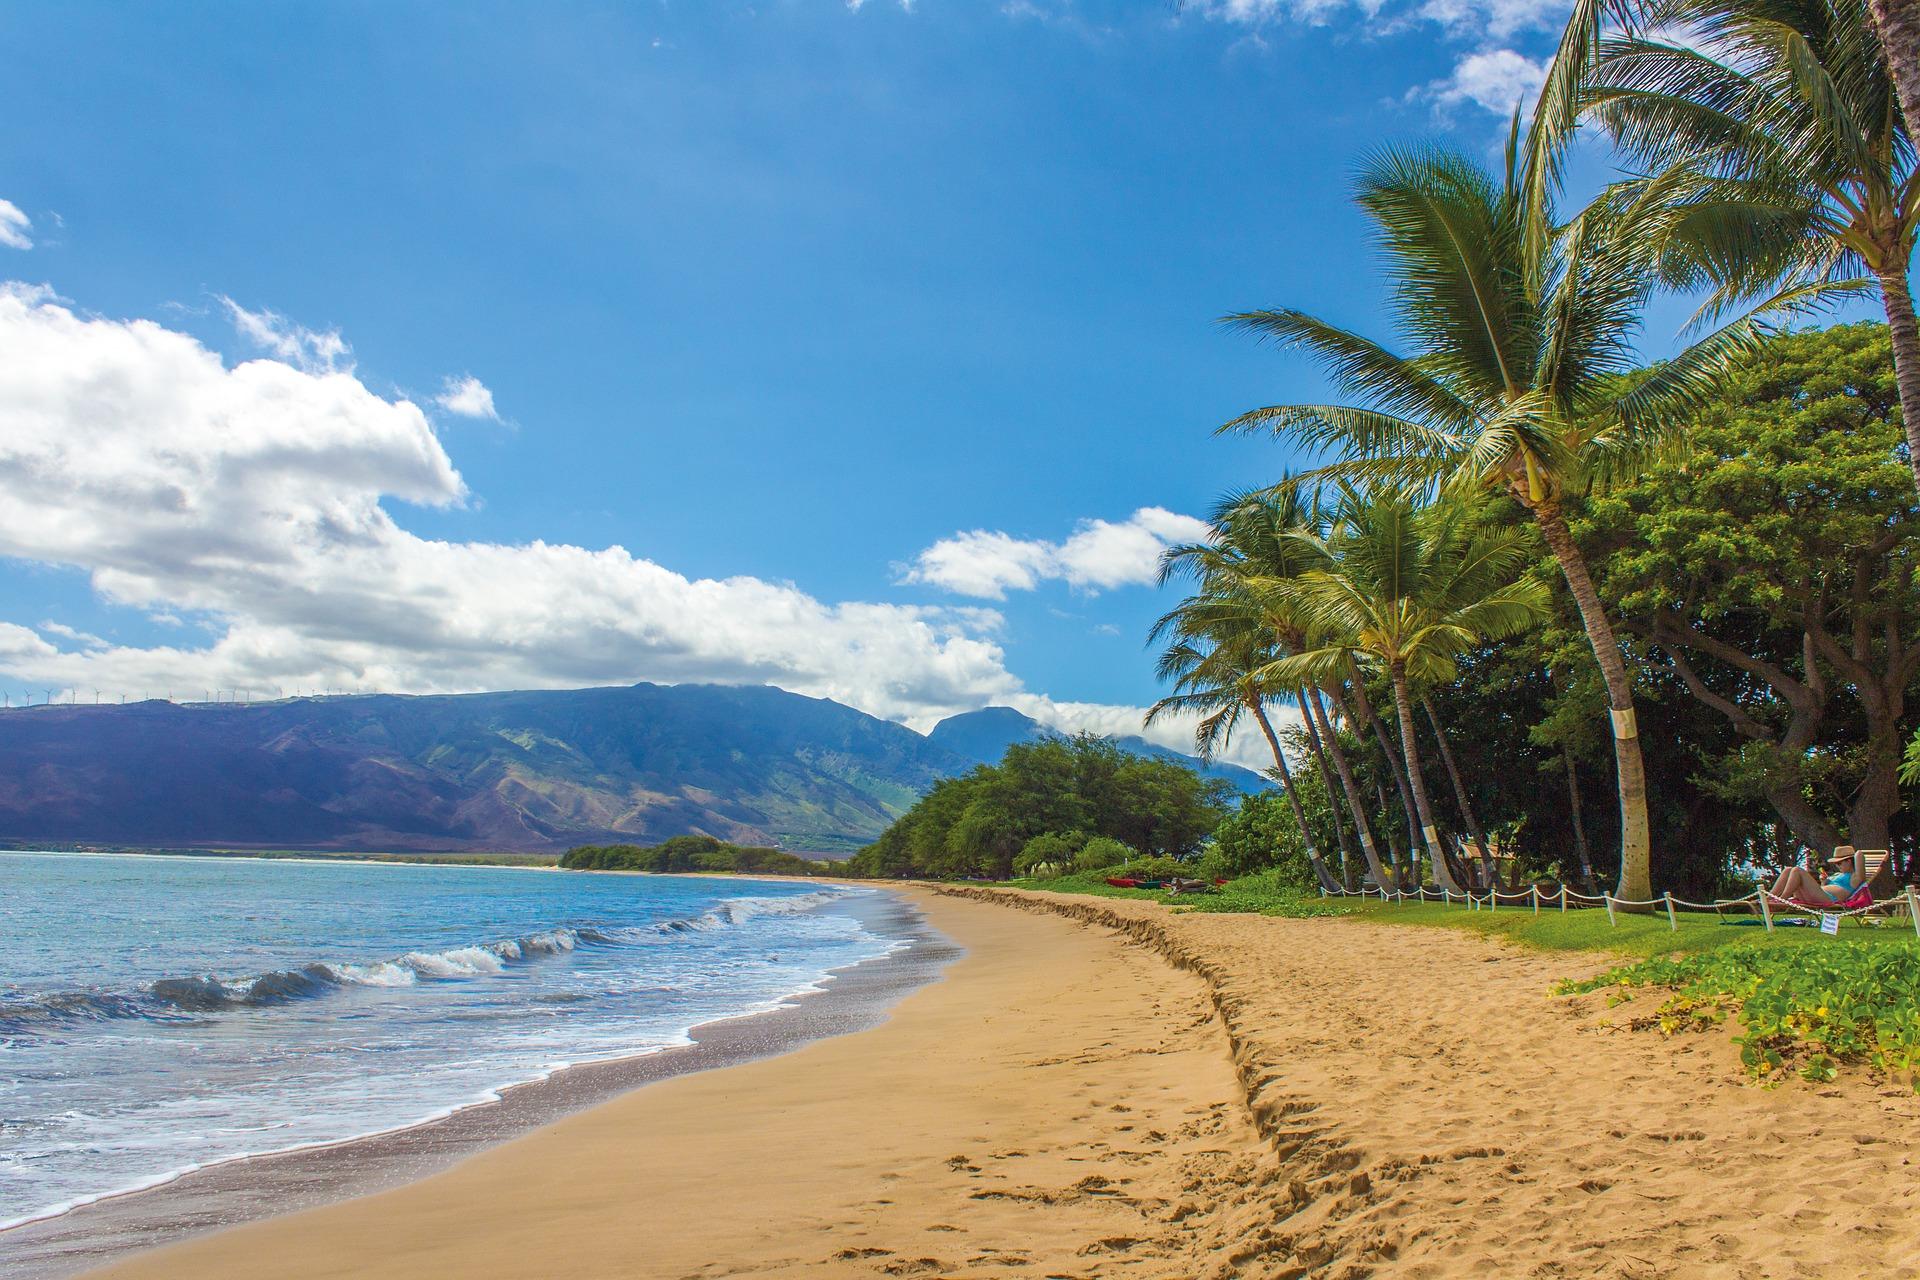 Maui Hawaii Reisetipps - der schönste Strand